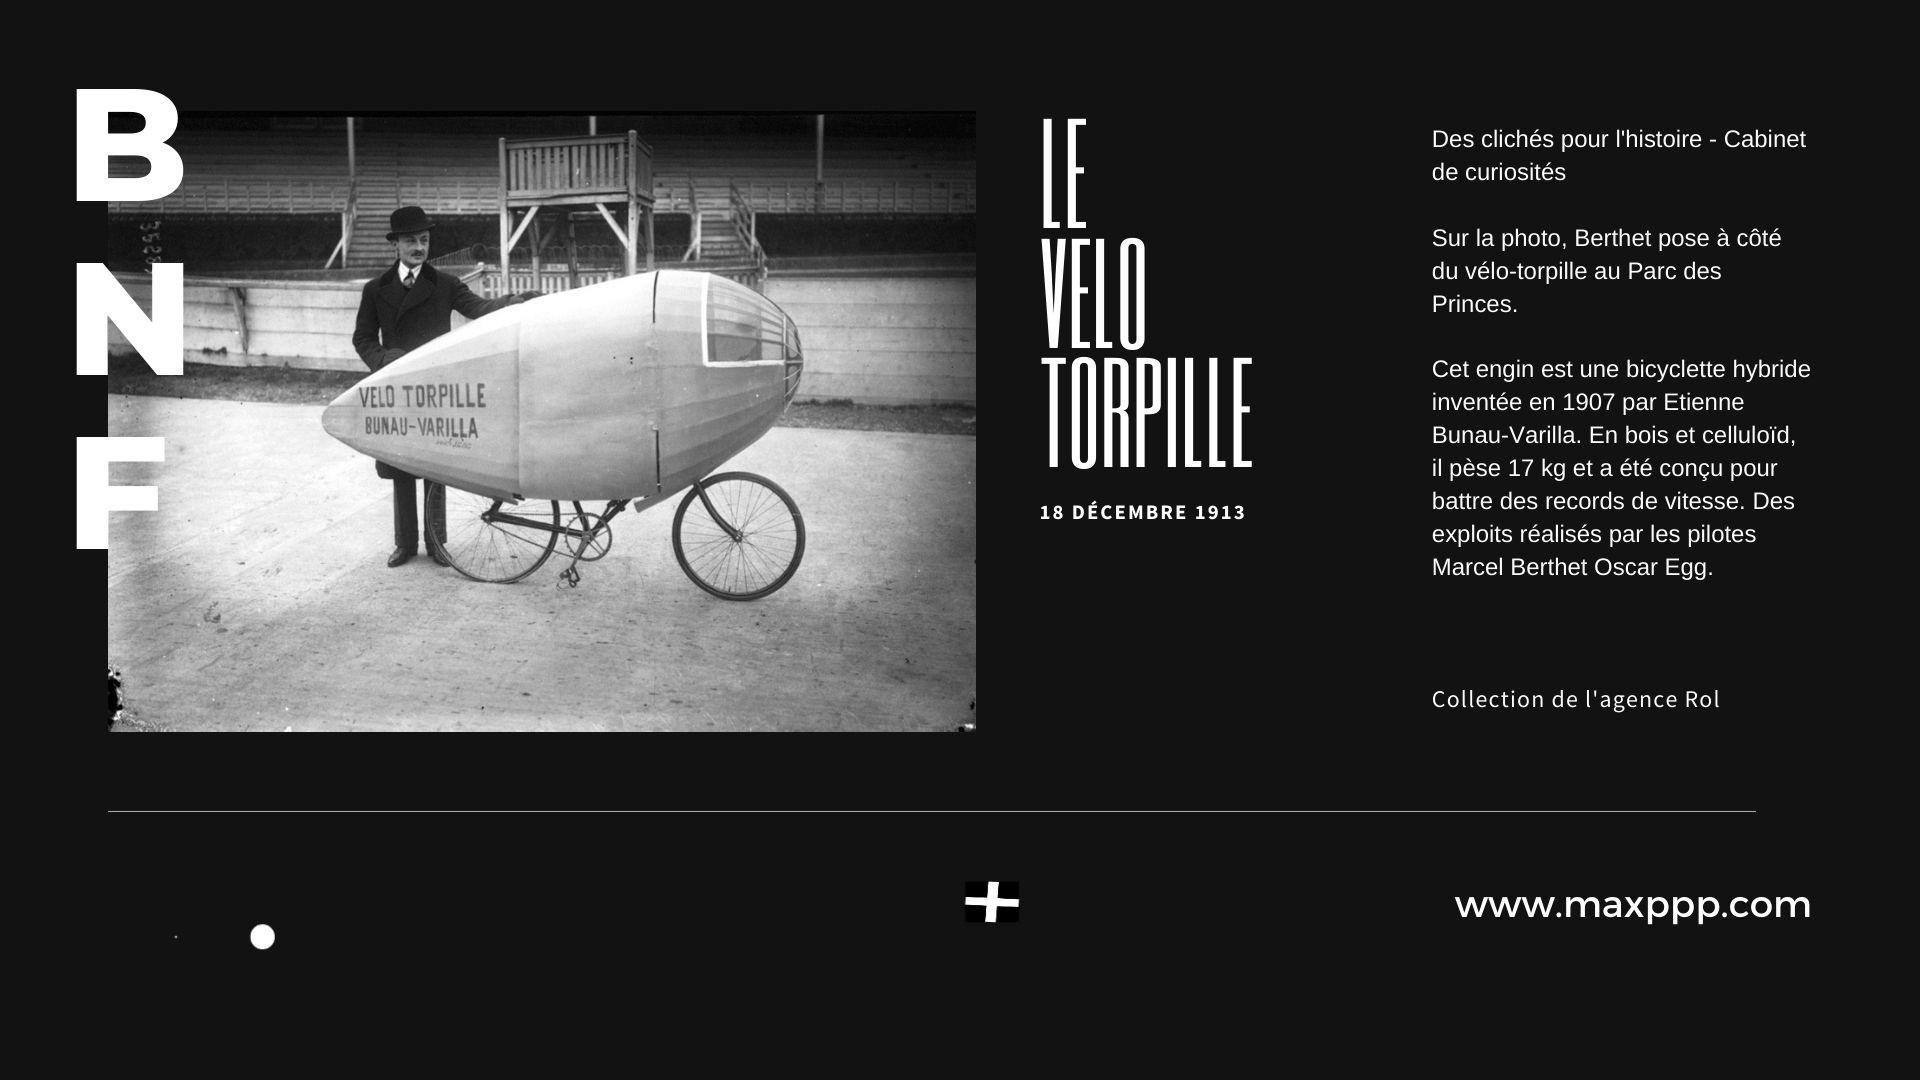 Le Vélo torpille